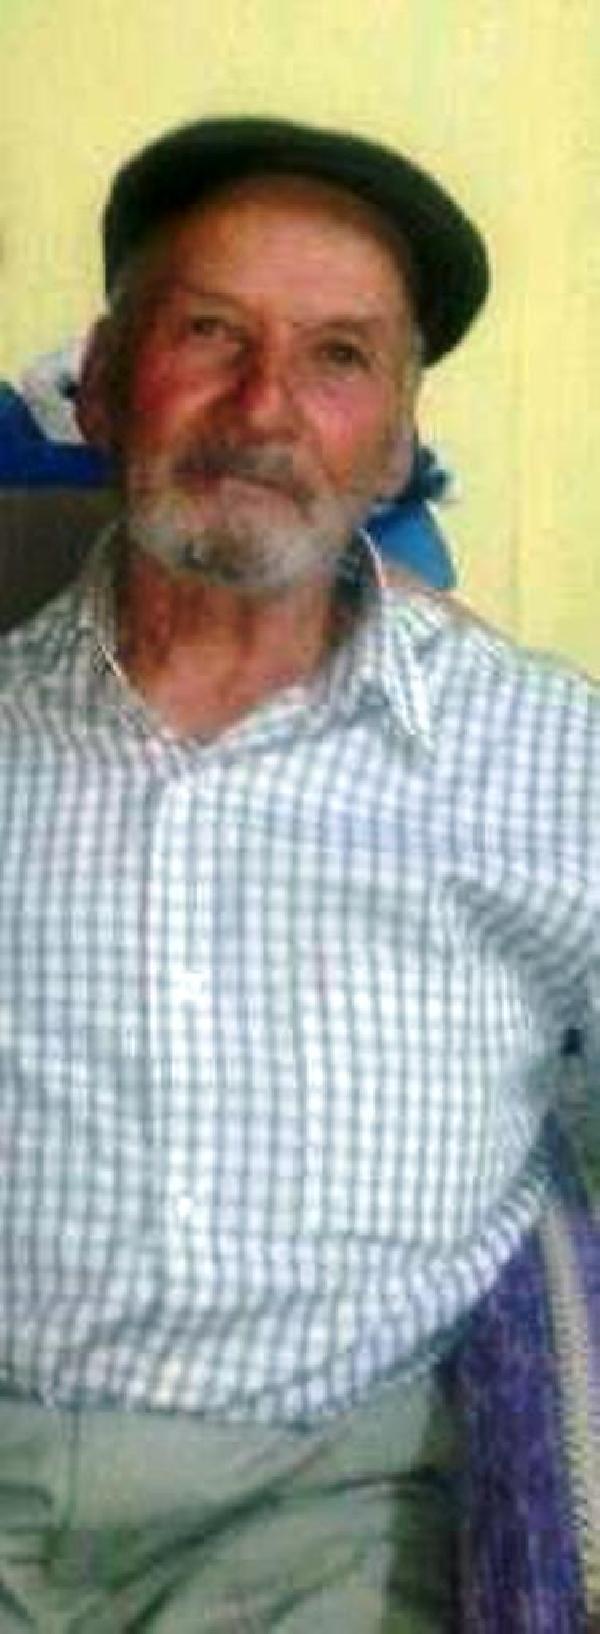 14 ay önce vurulan emekli bekçi yaşam mücadelesini kaybetti